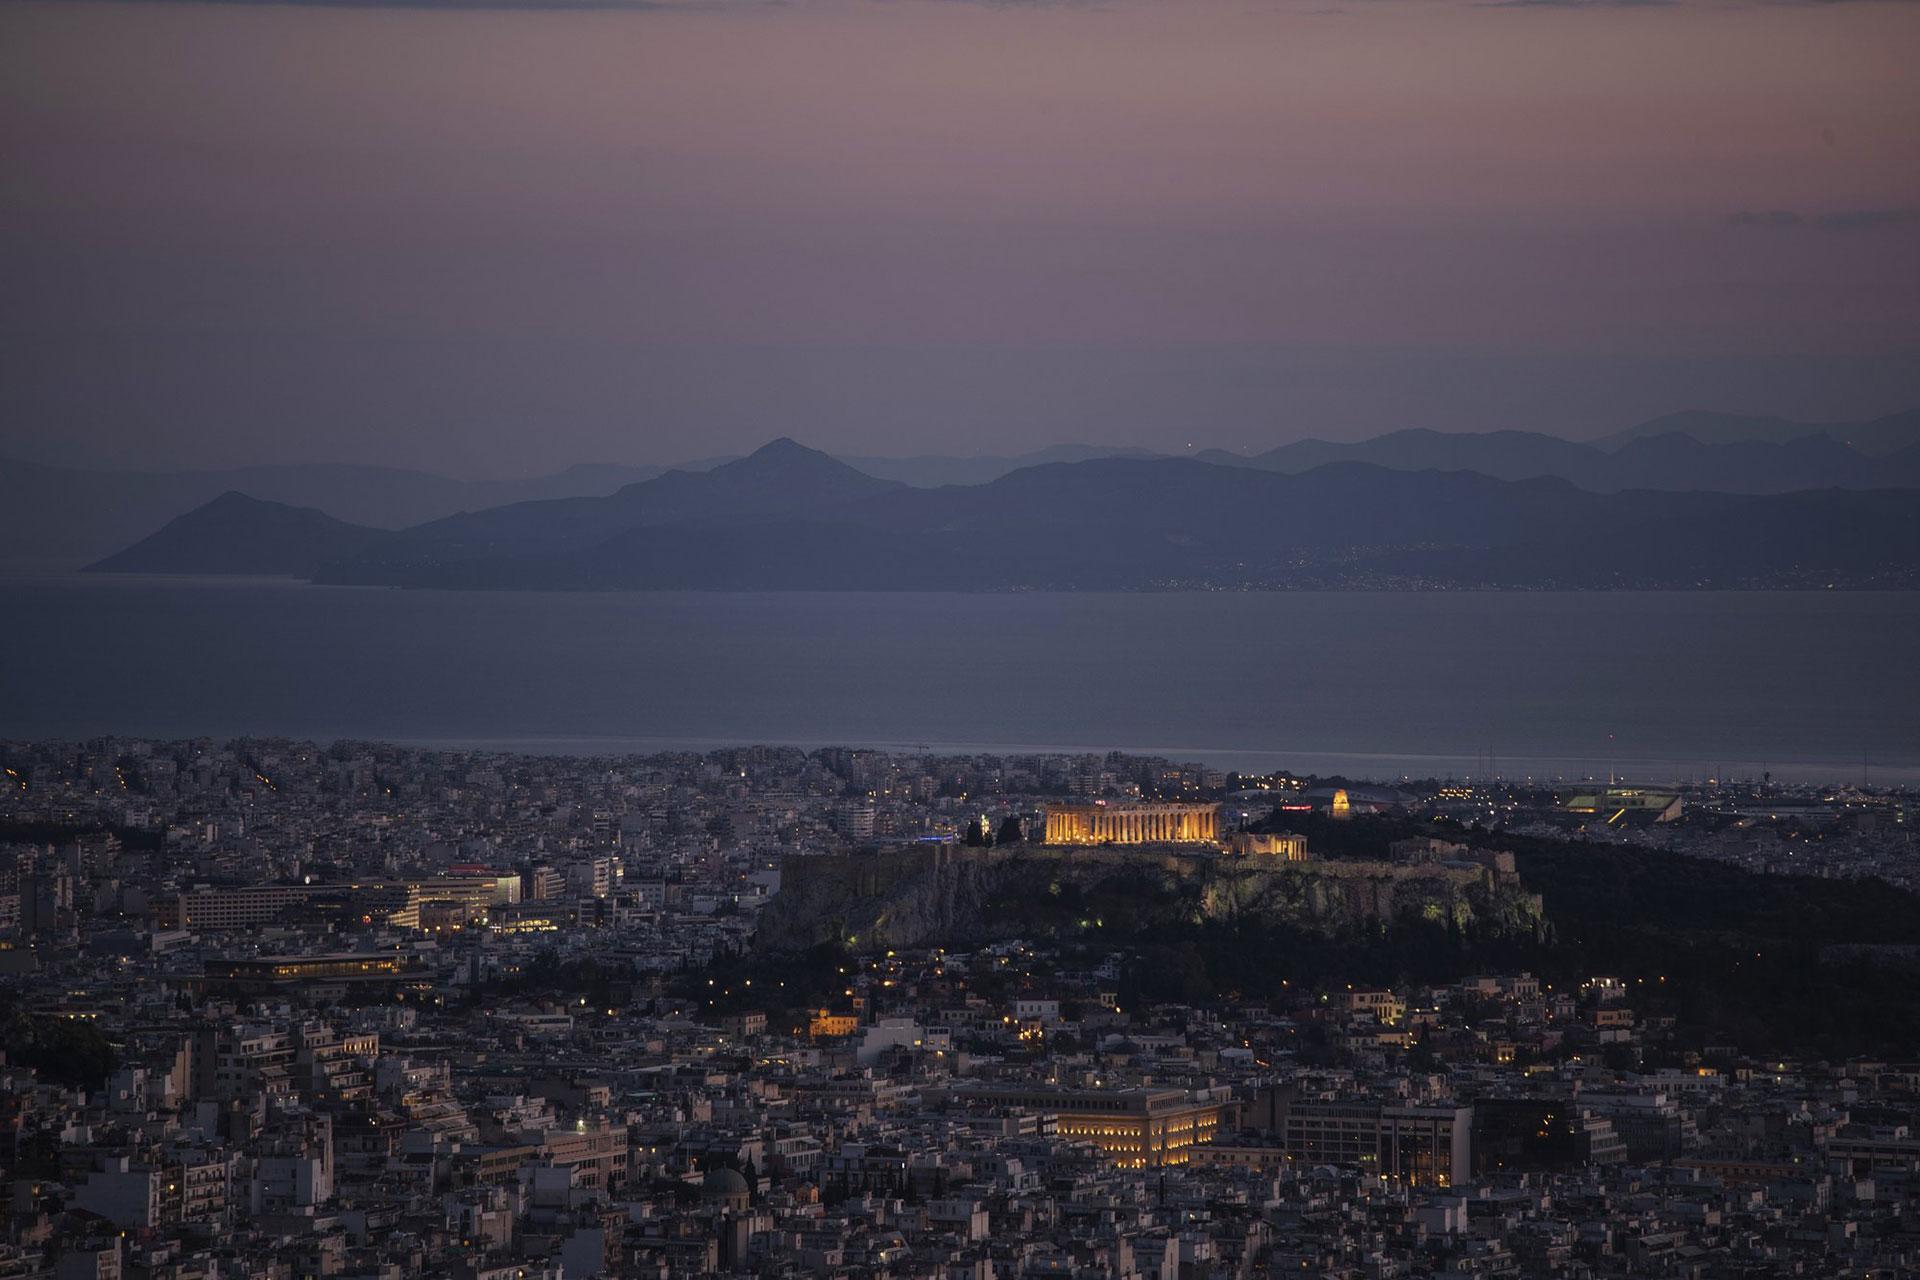 La Acrópolis de Atenas, Grecia, iluminada mientras la isla de Aegina se alza en el fondo y detrás de ella las distantes costas de la península del Peloponeso, el viernes 24 de abril (Foto AP / Petros Giannakouris)